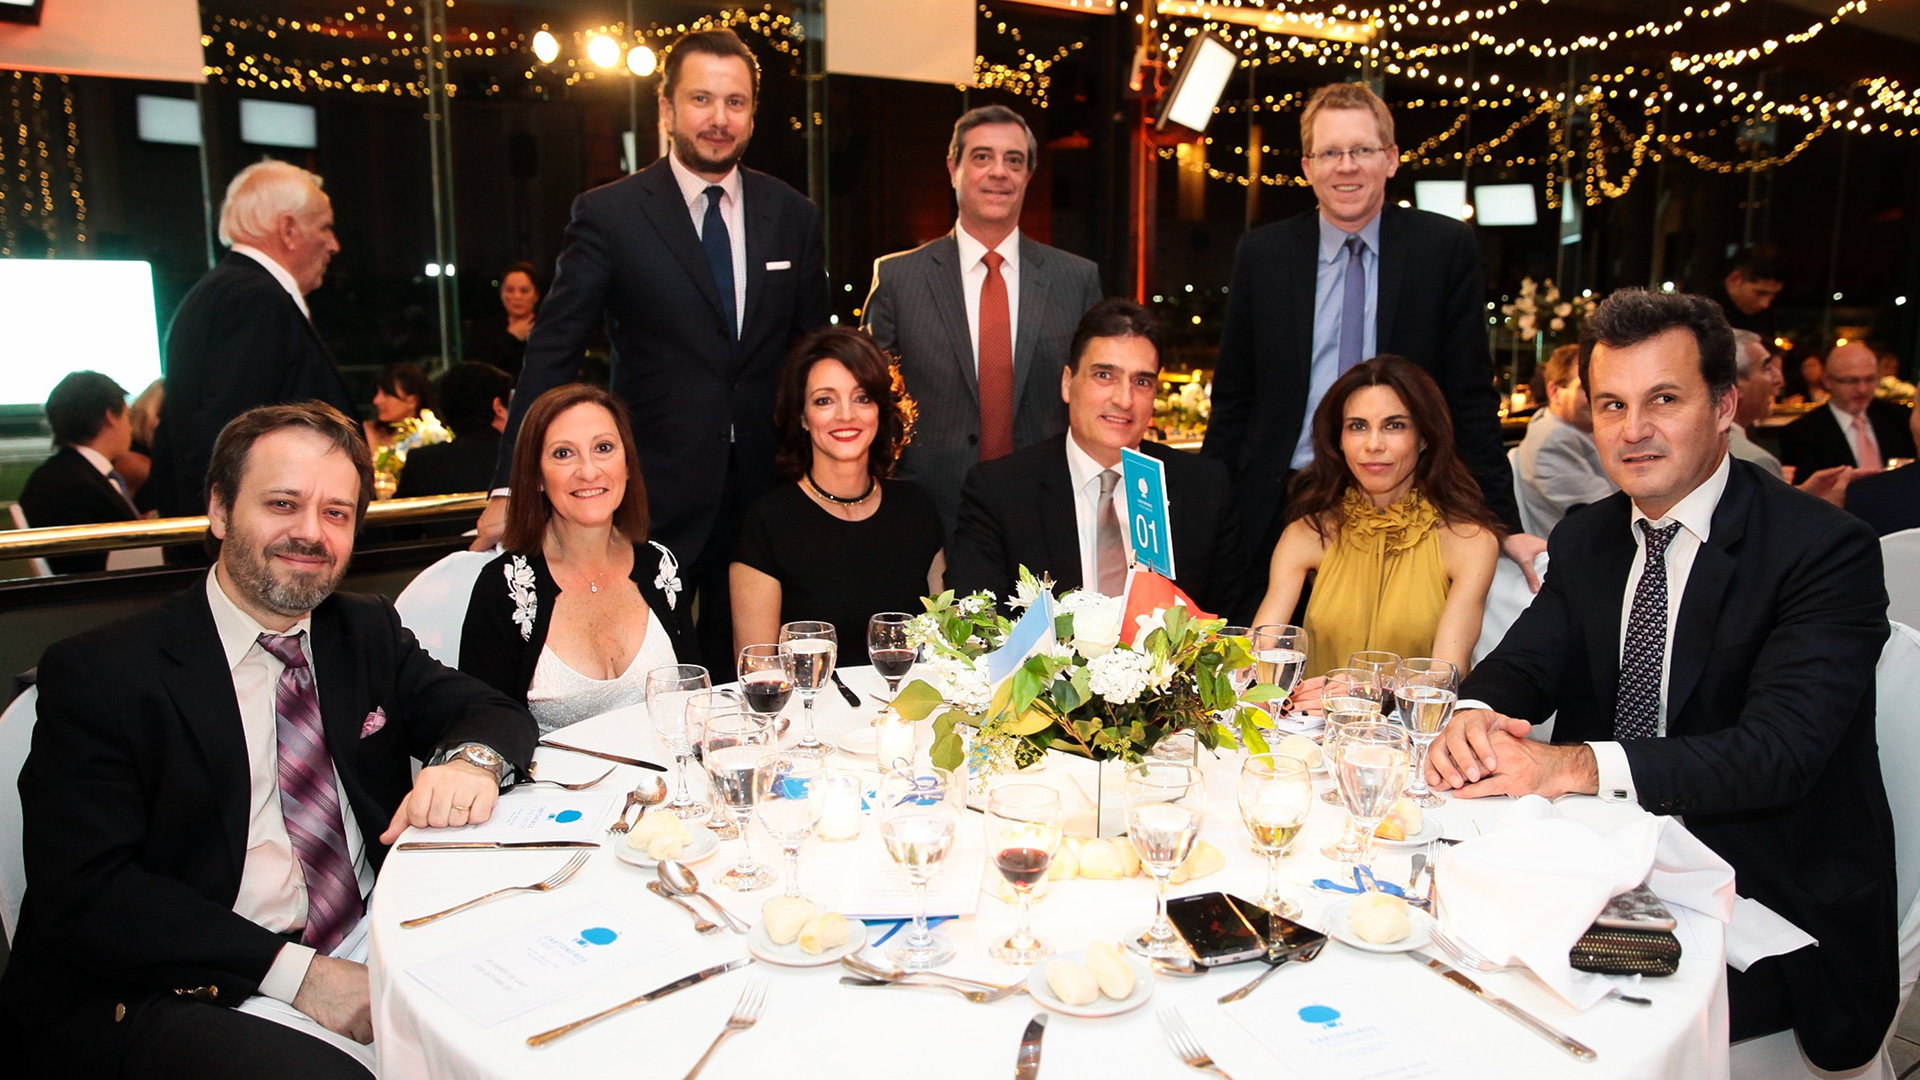 La mesa del embajador de Suiza, Hanspeter Mock, con el presidente del Banco Provincia, Juan Curutchet; el analista y consultor Julio Burdman y el delegado del Gobierno de Salta, Sergio Etchart